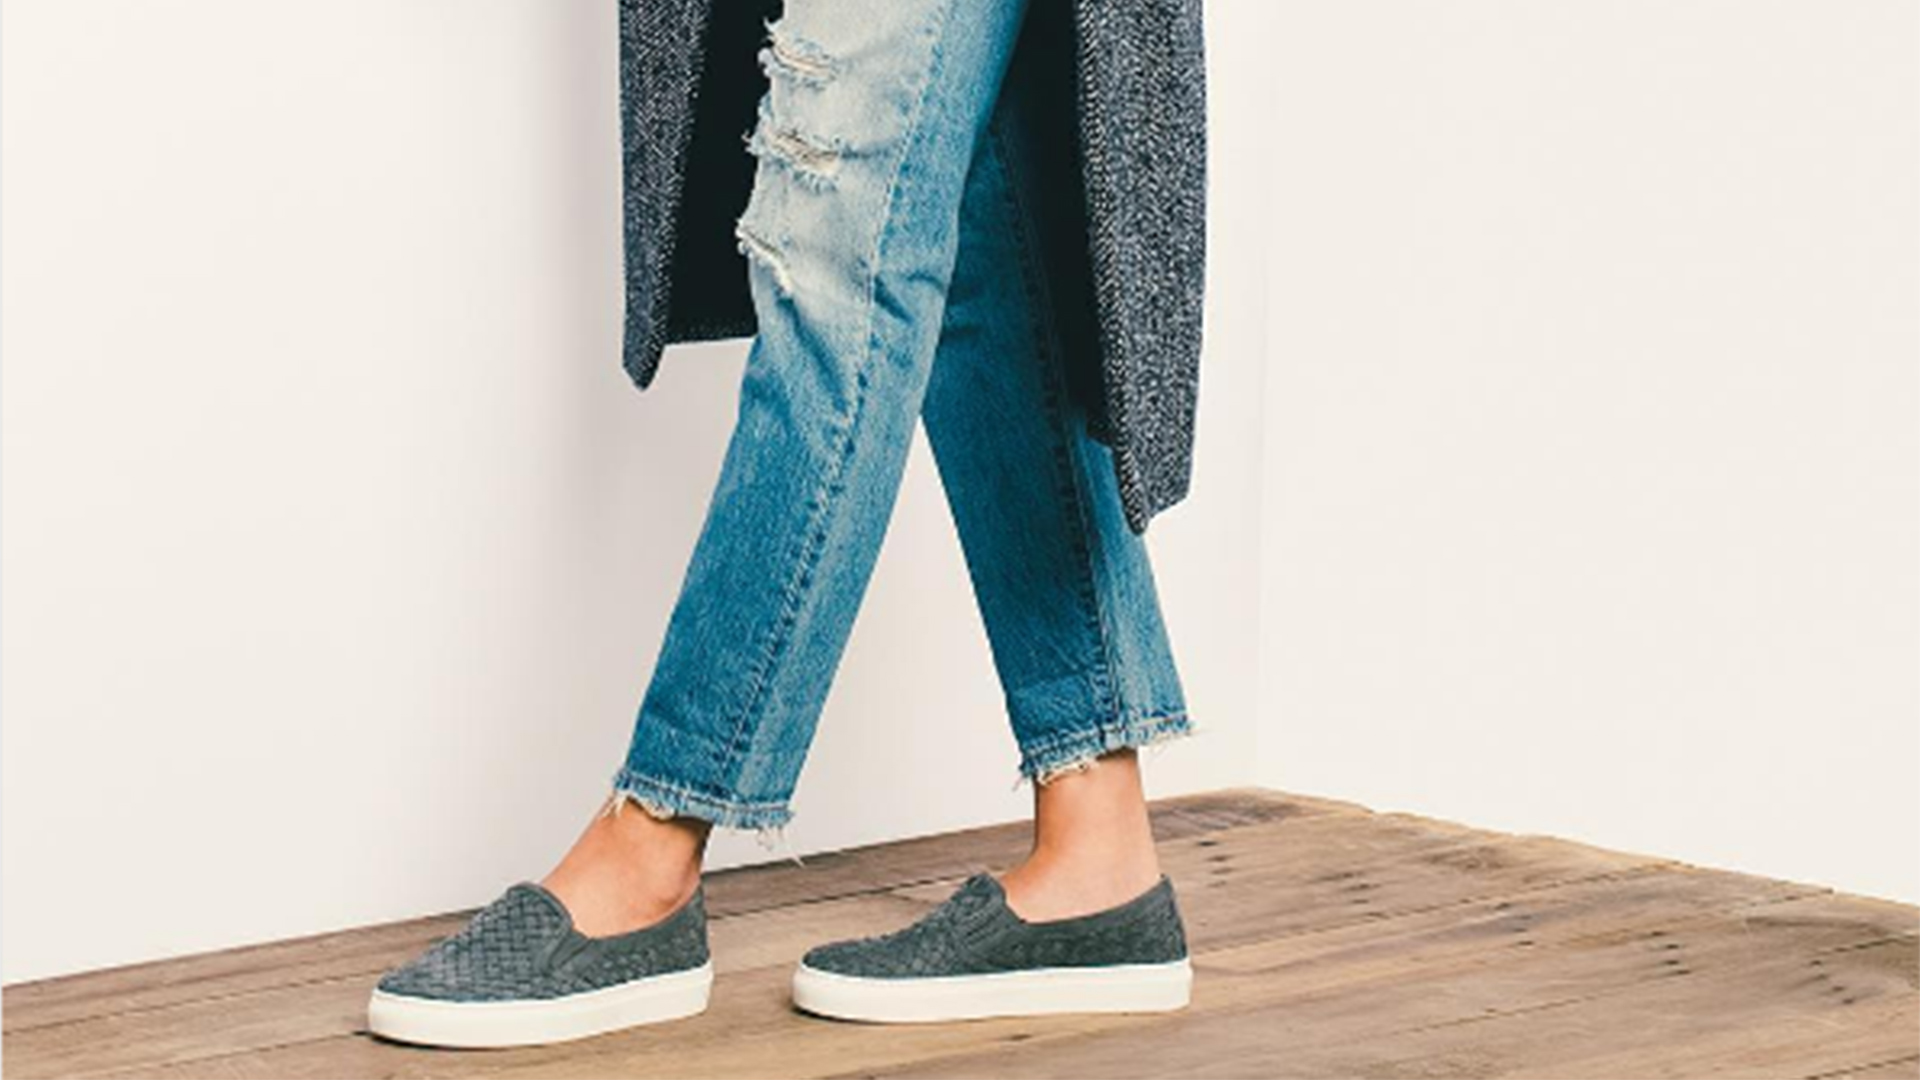 M.Gemi Cerchio slip-on sneaker has a 1